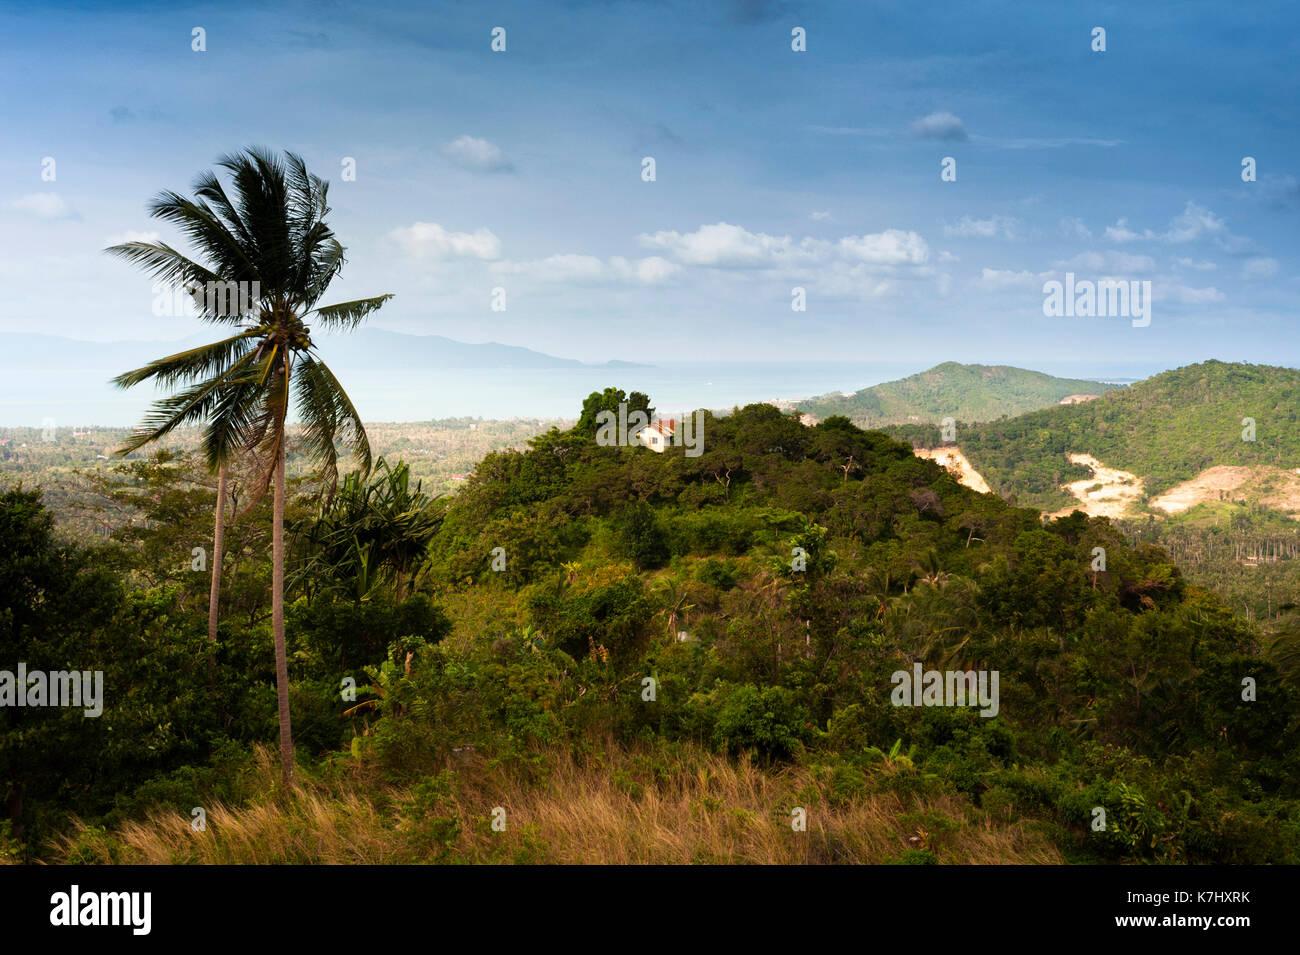 Casa con una vista sull'isola di Koh Samui, Thailandia Immagini Stock